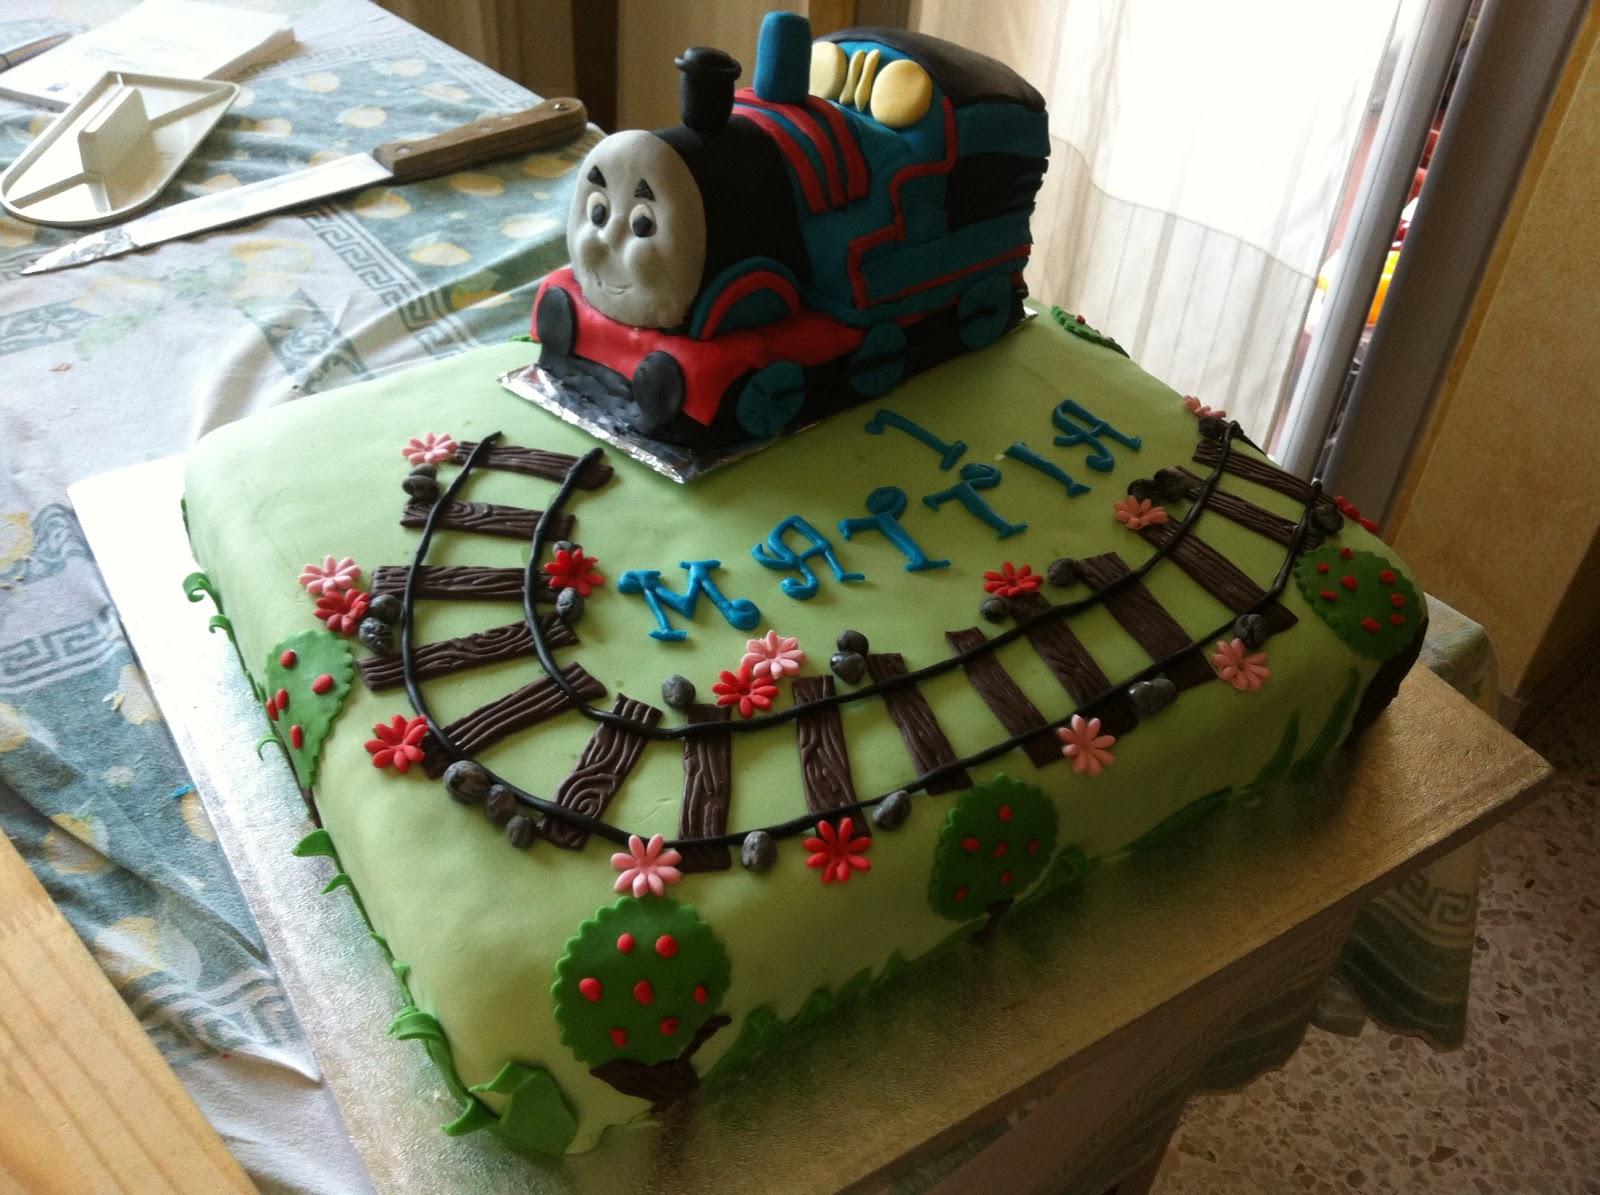 Nella cucina di nonna lella trenino thomas x mattia for Decorazioni torte trenino thomas